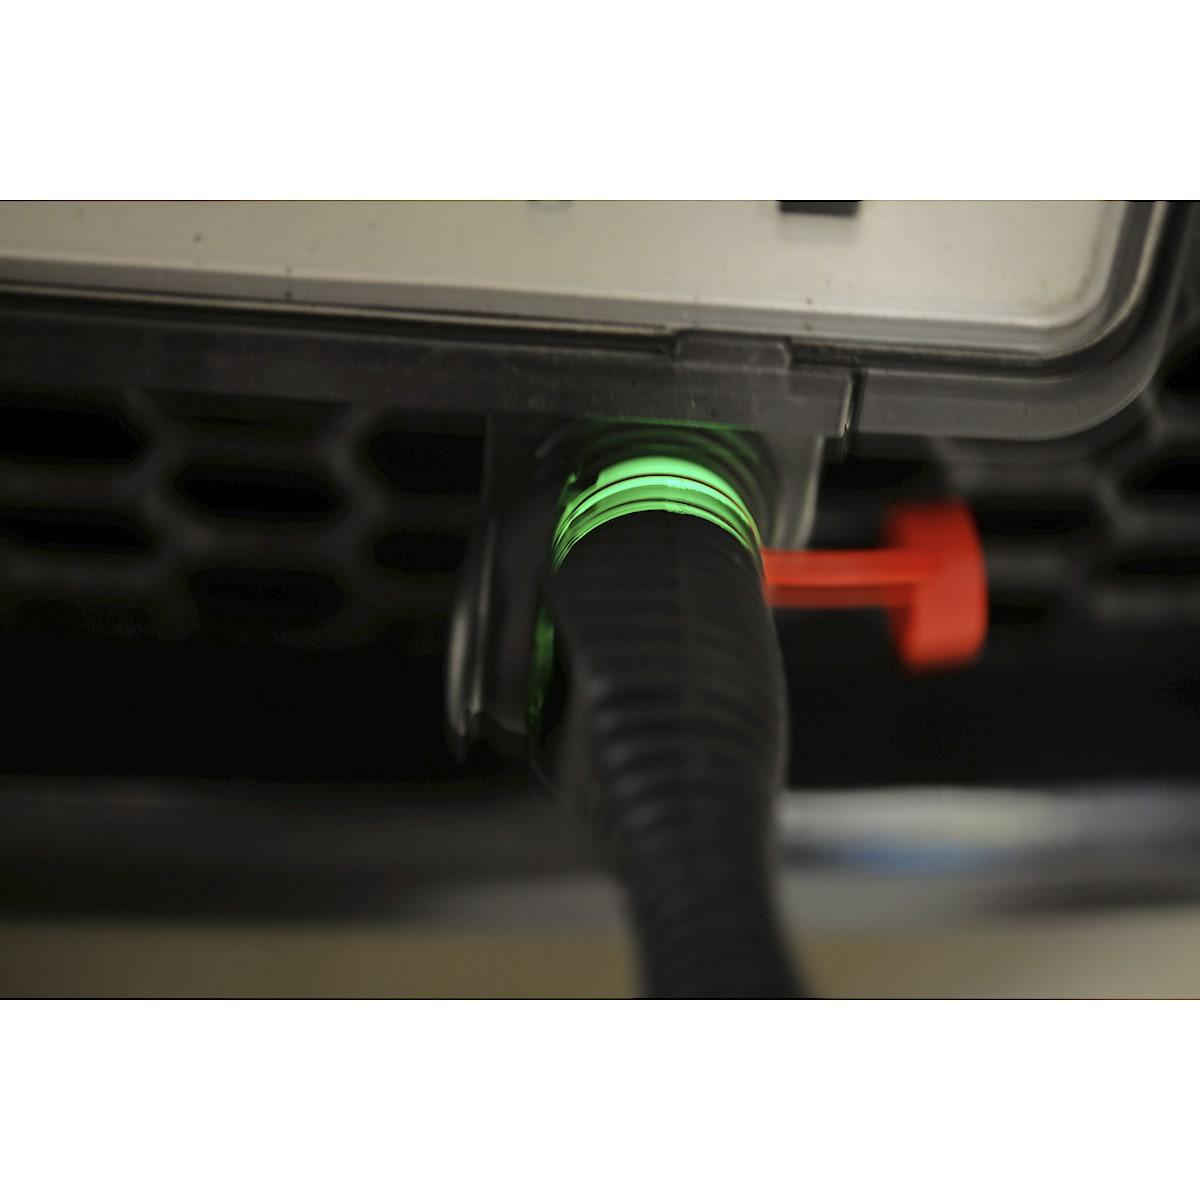 Calix motorvarmerkabel med LED-belysning